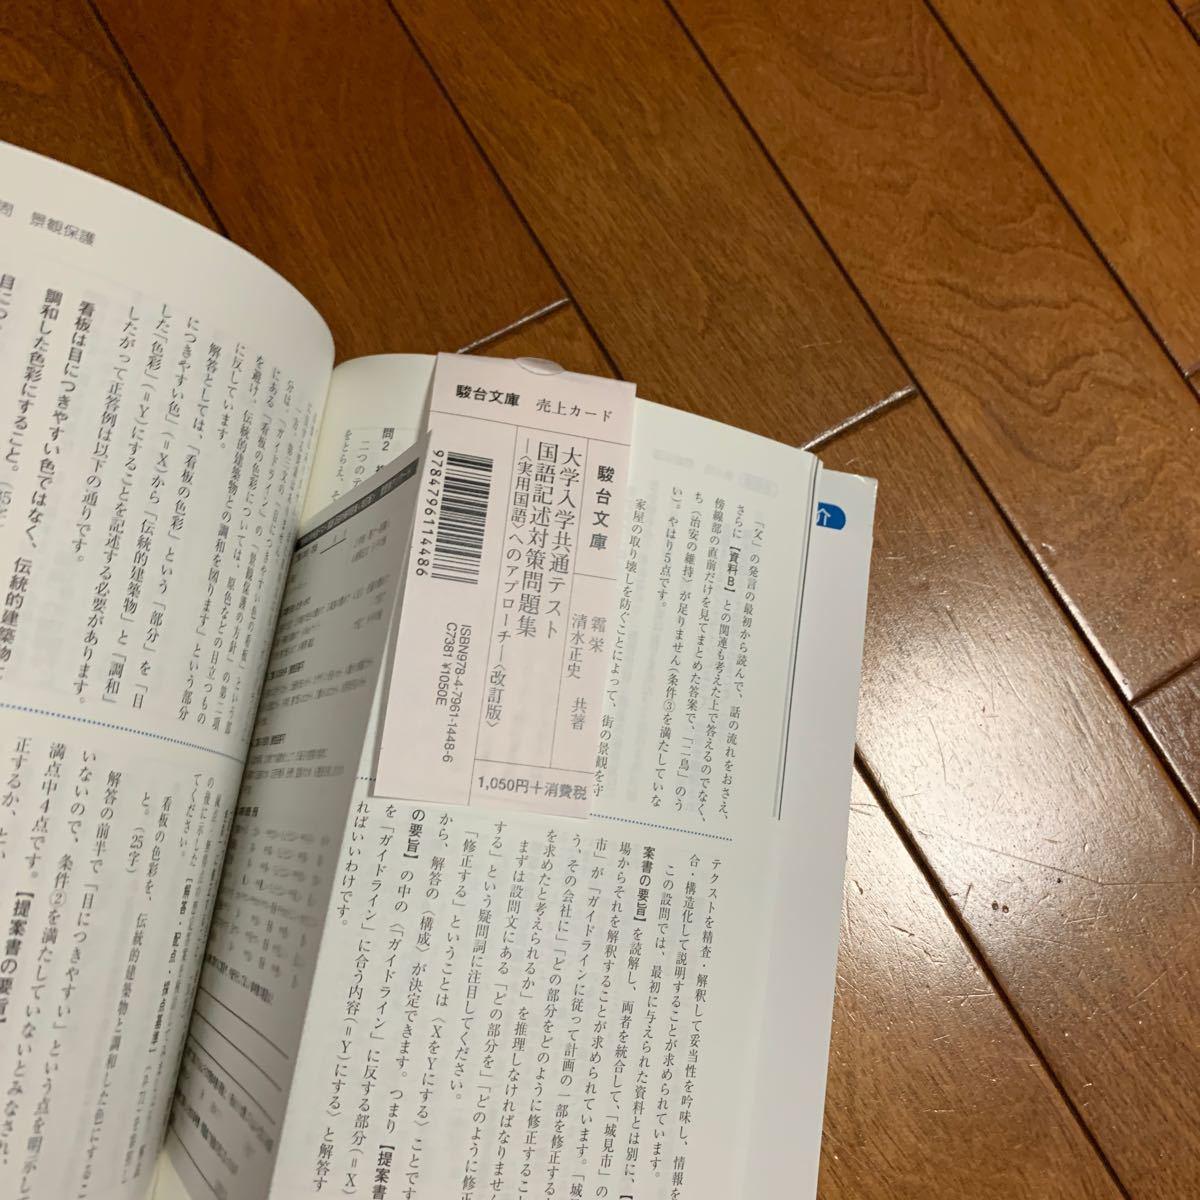 大学入学共通テスト国語記述対策問題集 〈実用国語〉 へのアプローチ/霜栄/清水正史